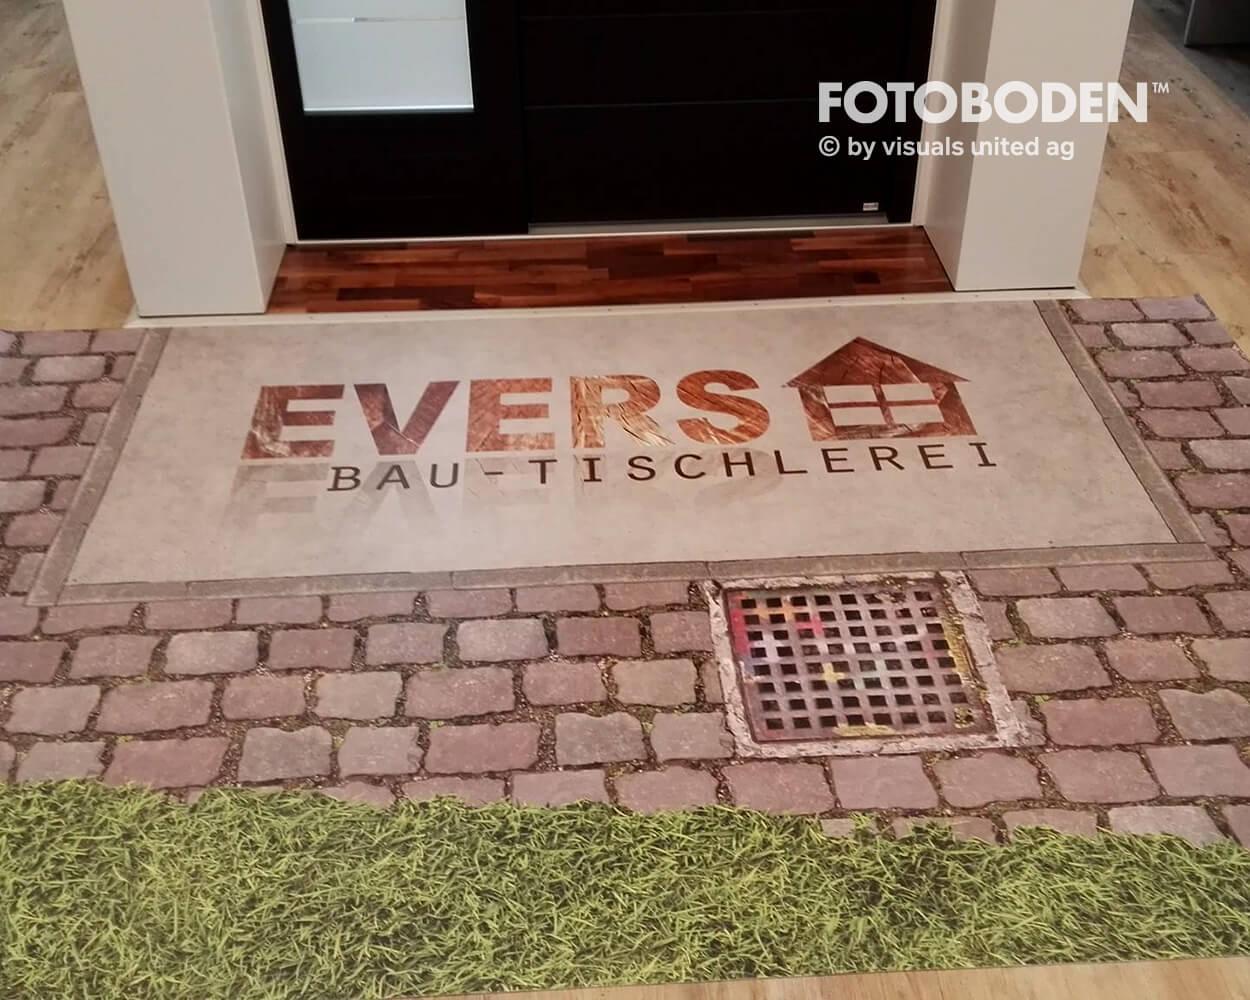 Evers1 Fotoboden Flooring Fußboden Bodengestaltung Floorminder Bodendruck Werbung Fußbodenwerbung Bodenwerbung Merchandising Advertising Visualmerchandising